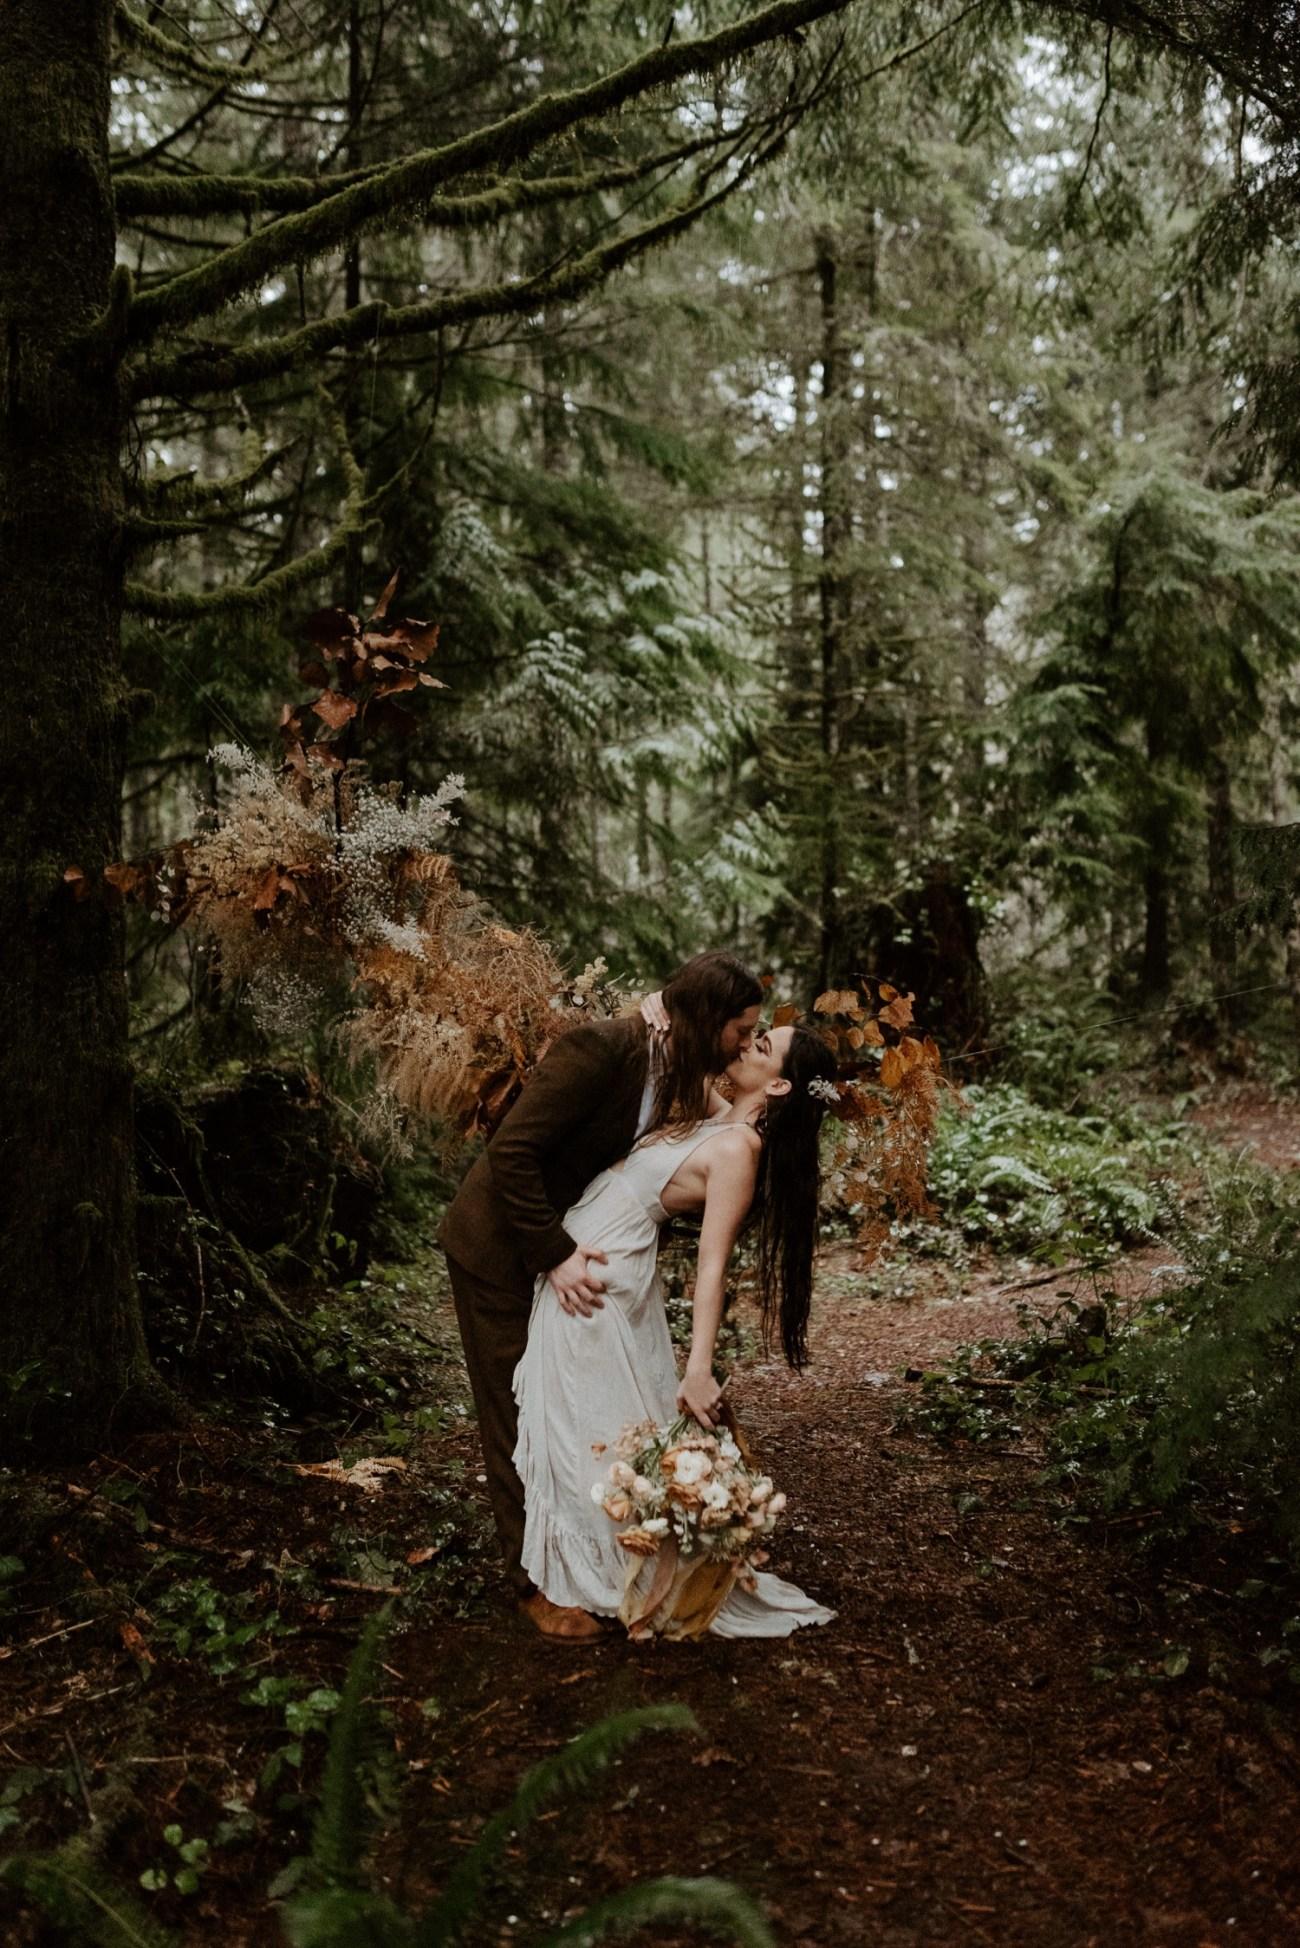 The Woodlands House Sandy Oregon Elopement Portland Elopement Photographer PNW Adventurous Elopement Anais Possamai Photography 019